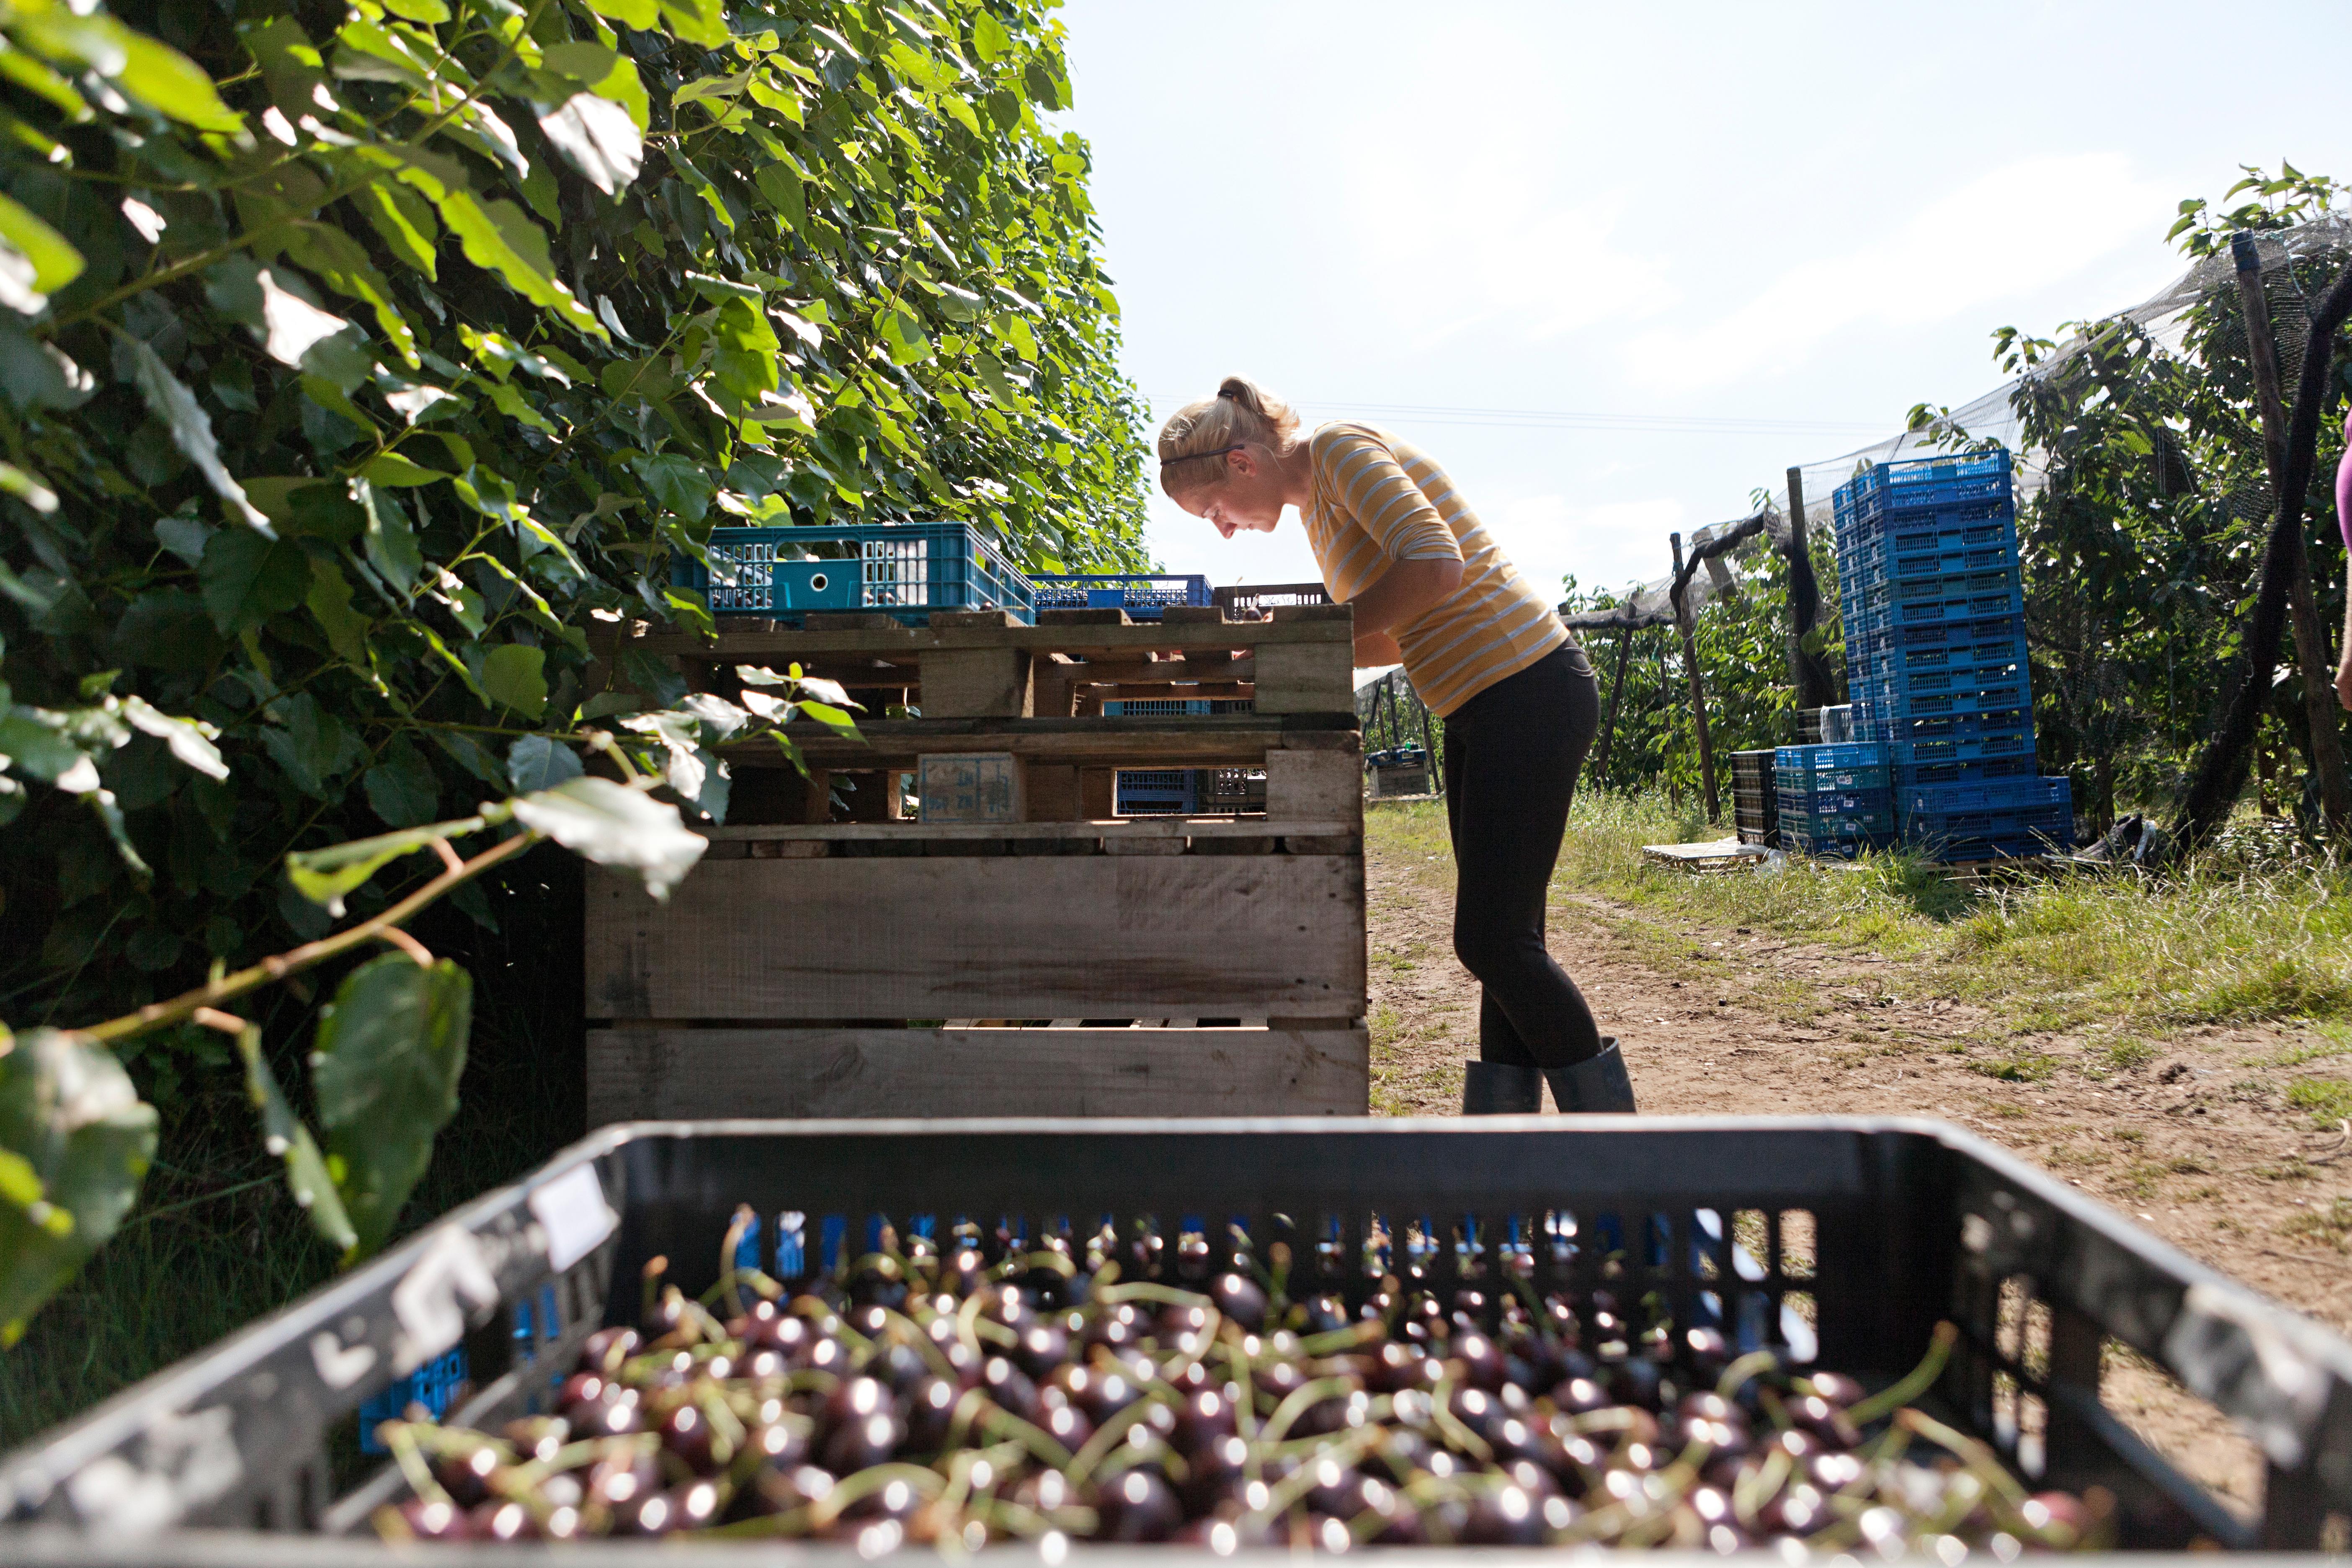 Woman-checking-cherries.jpg